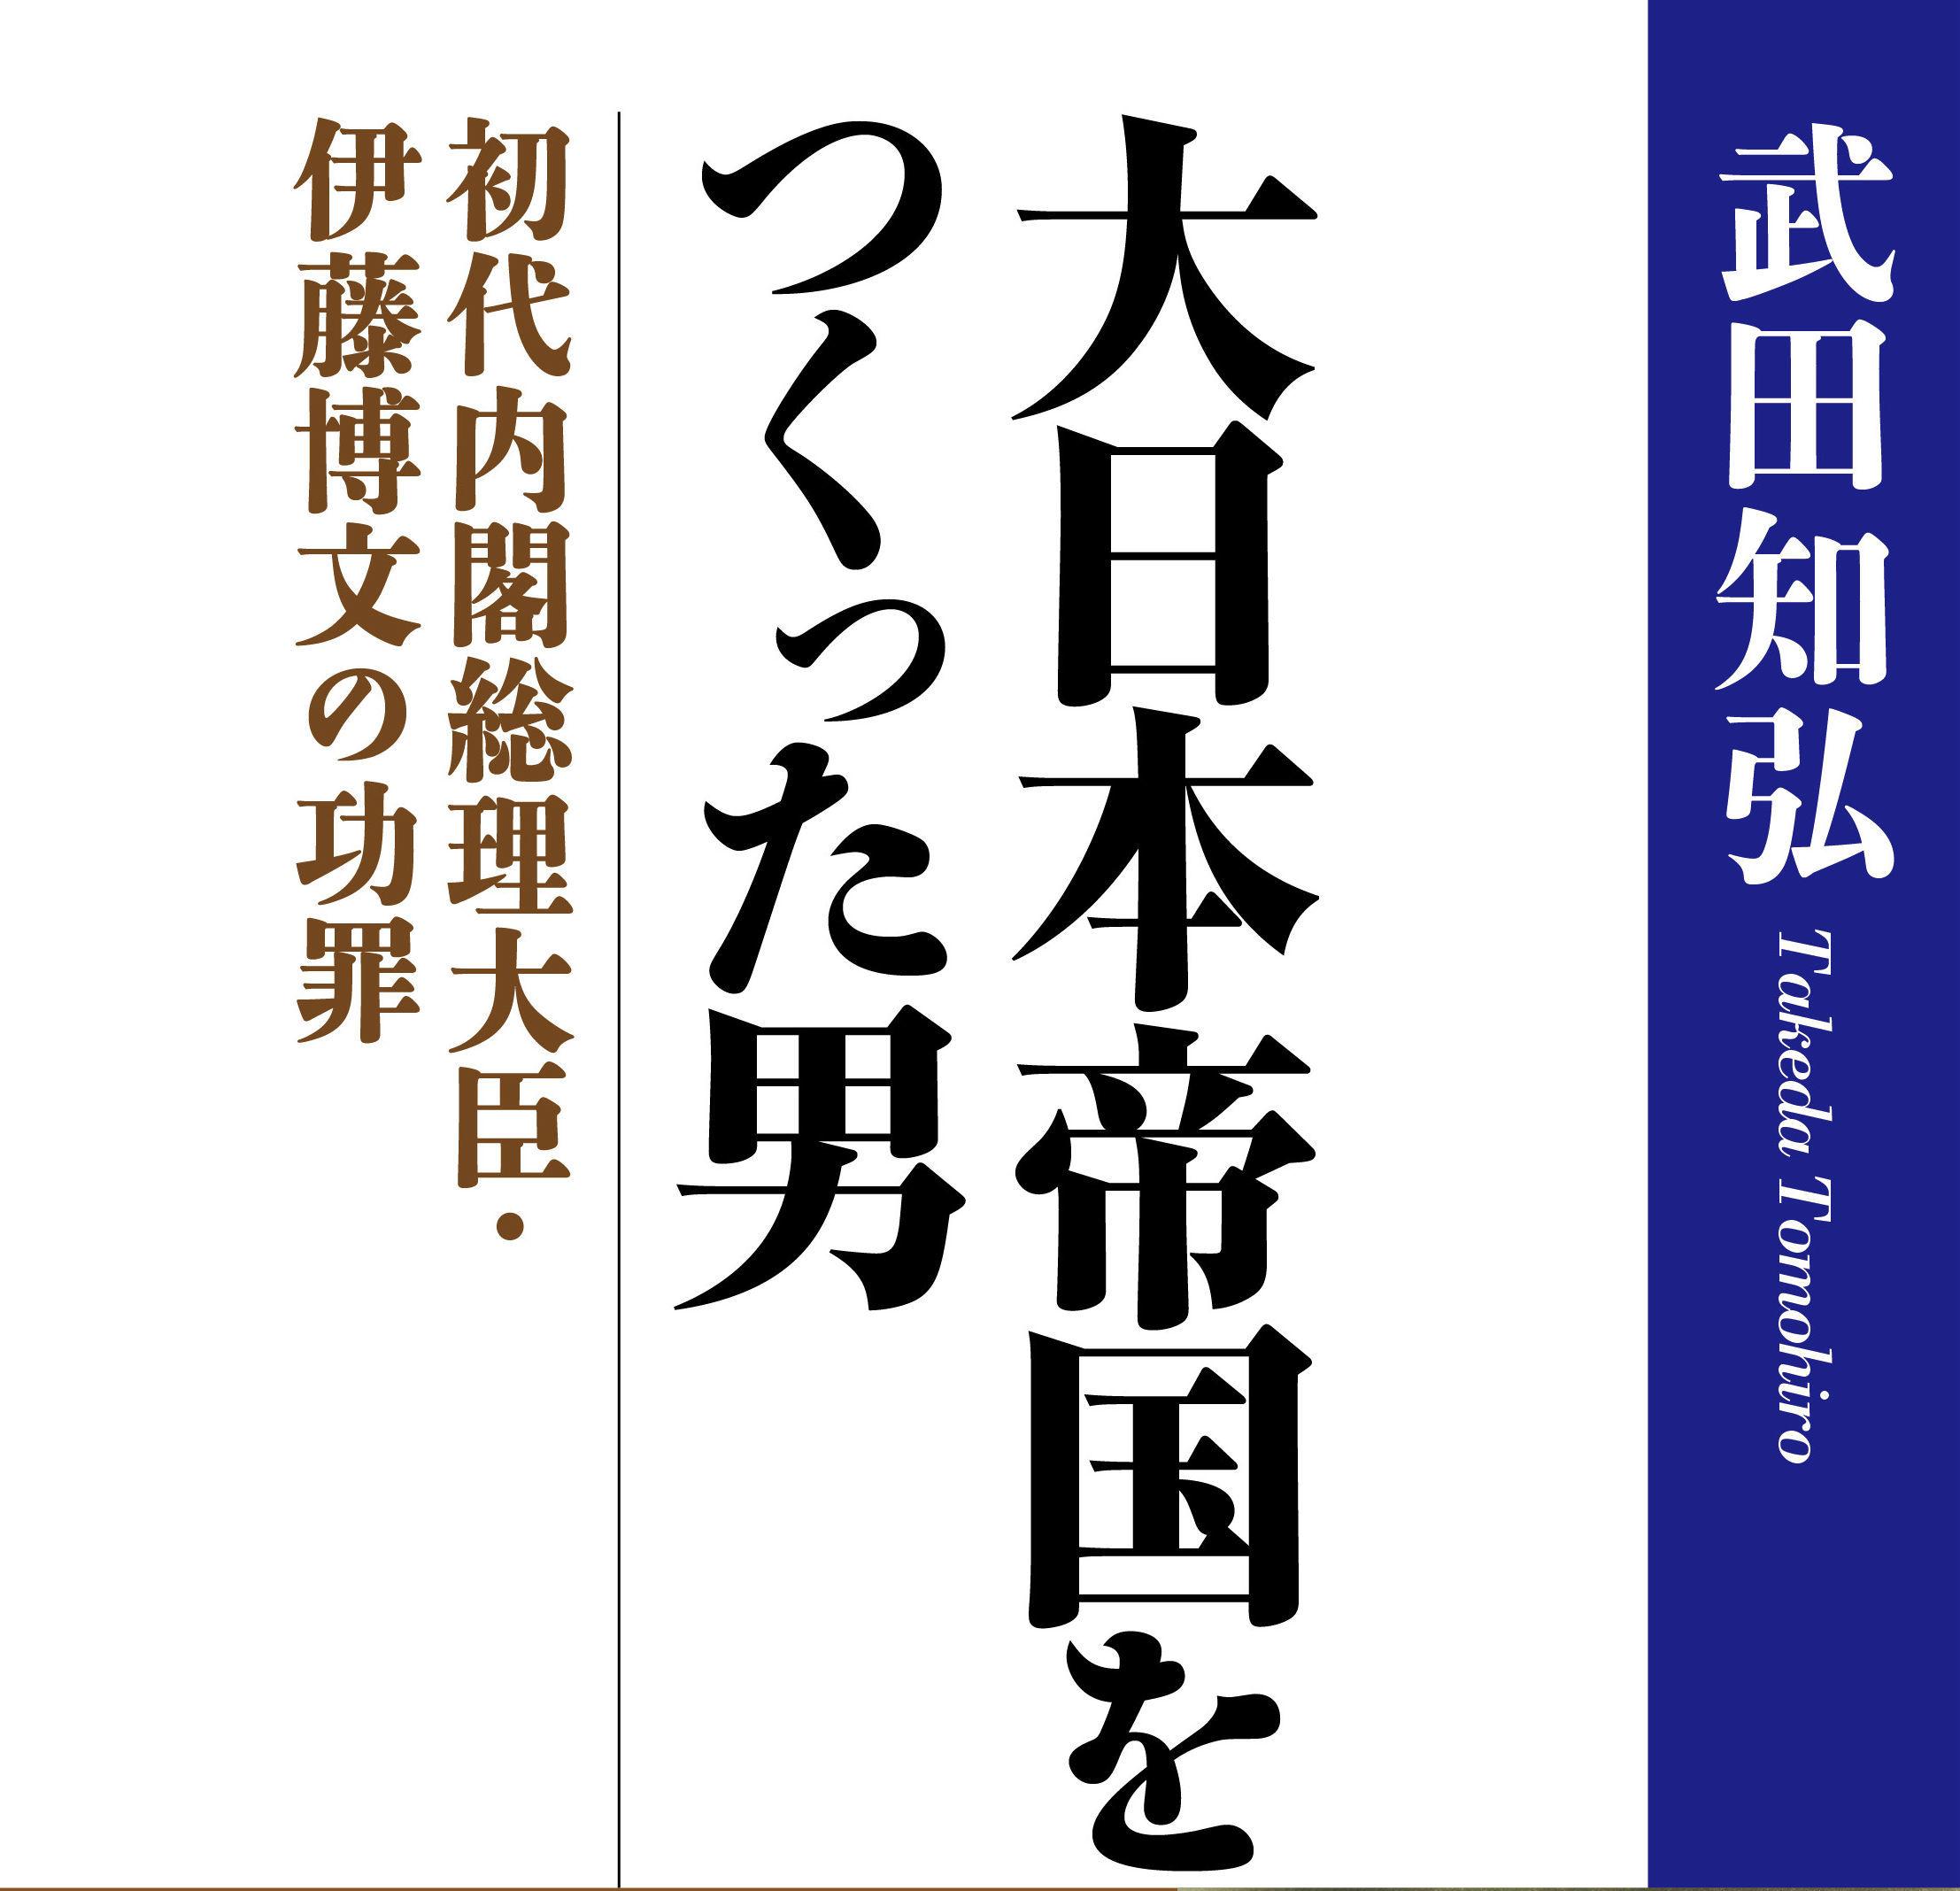 アジアの中でなぜ日本だけが近代化に成功できたのか?